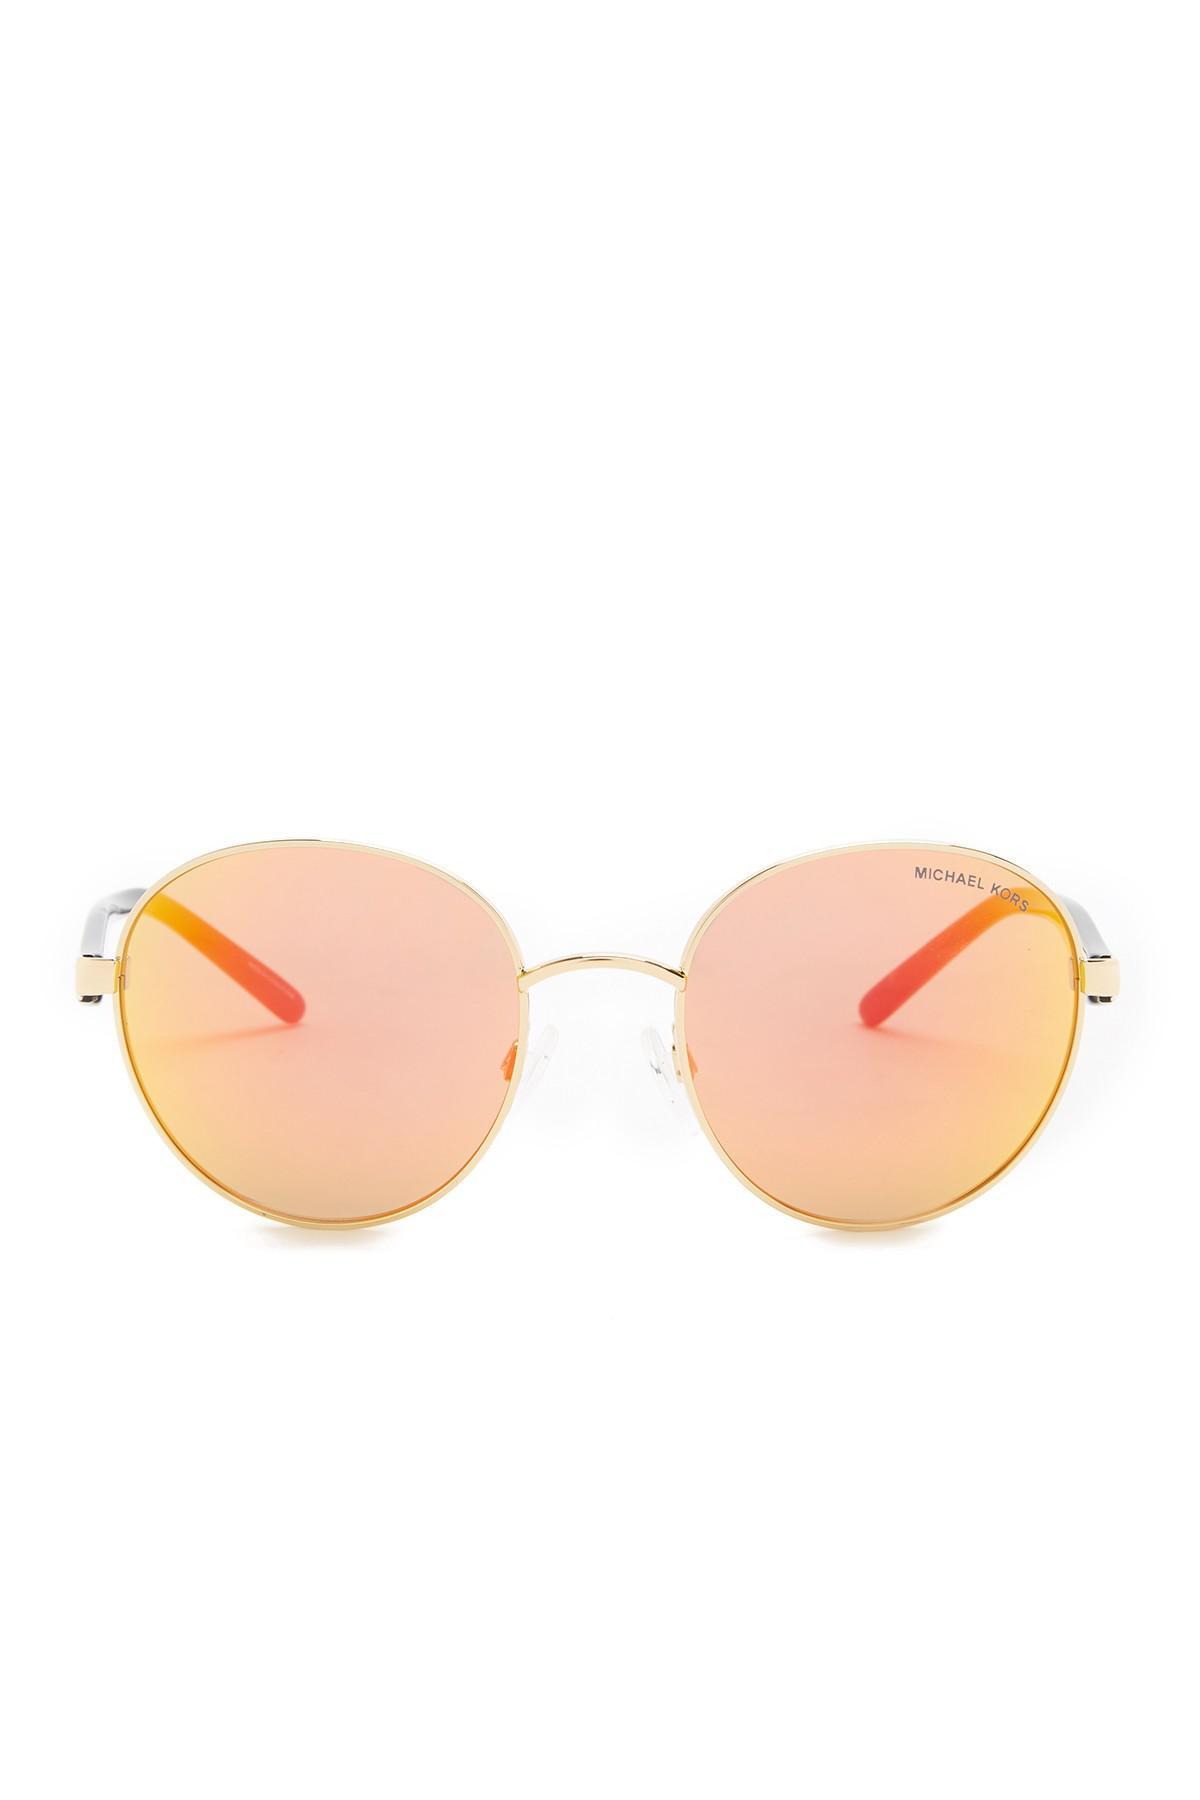 9ccfeb6edff18 Lyst - Michael Kors Women s Sadie Iii Round Sunglasses